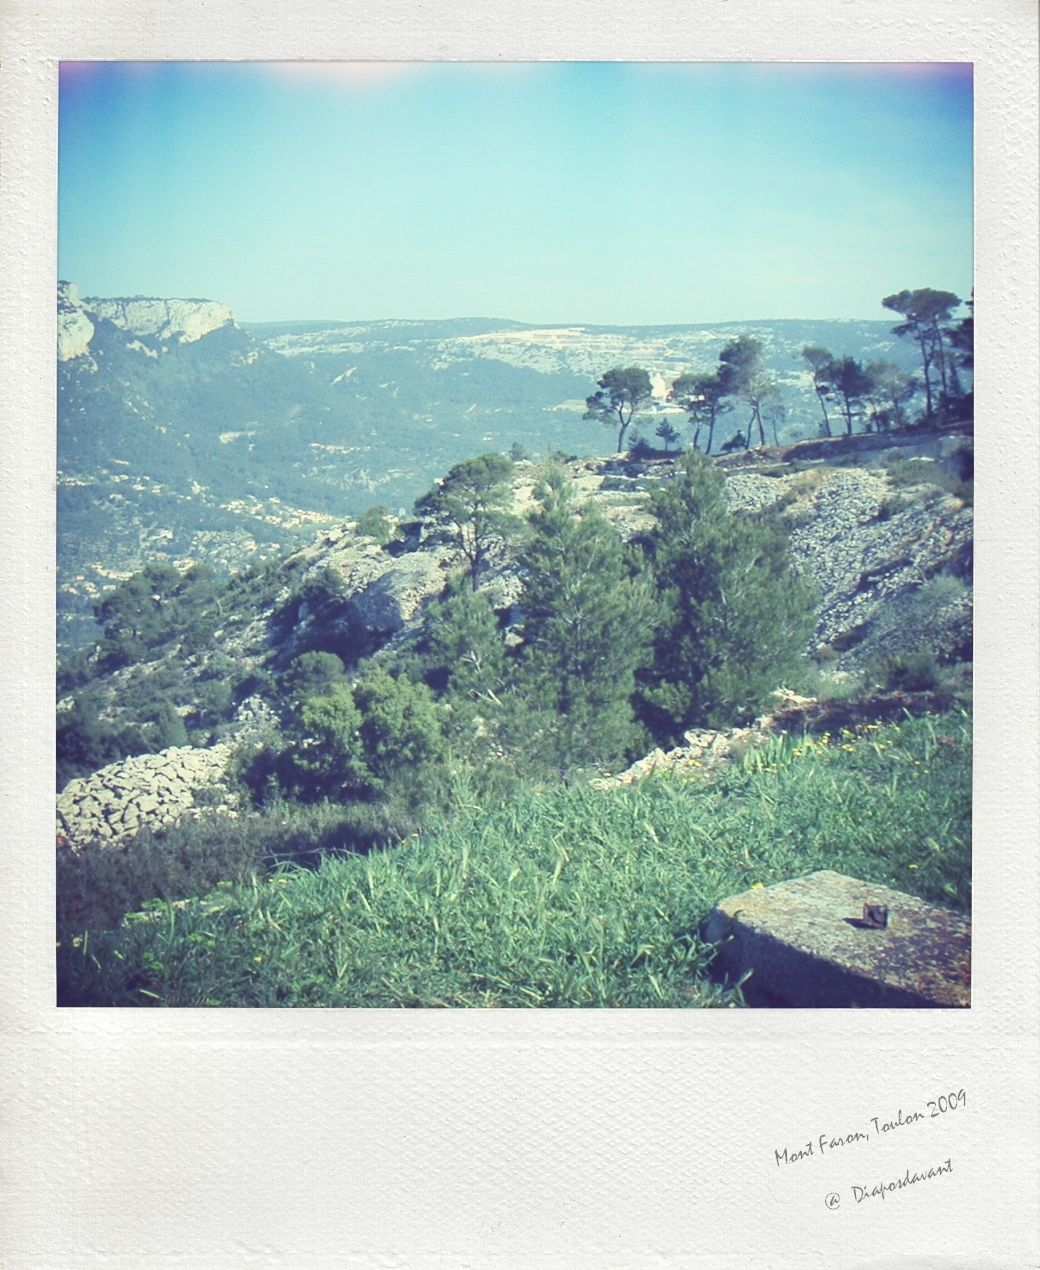 Mont faron, Toulon